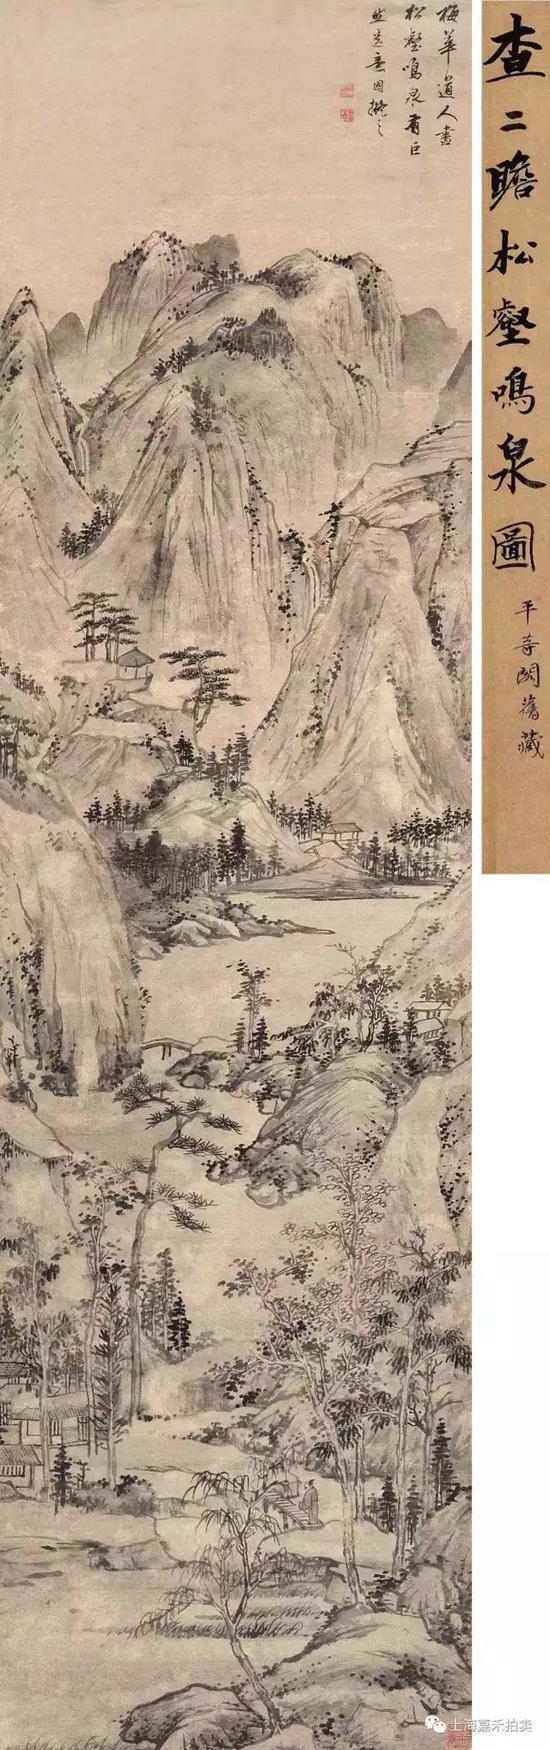 查士标(1615-1698) 松壑鸣泉图 水墨纸本立轴